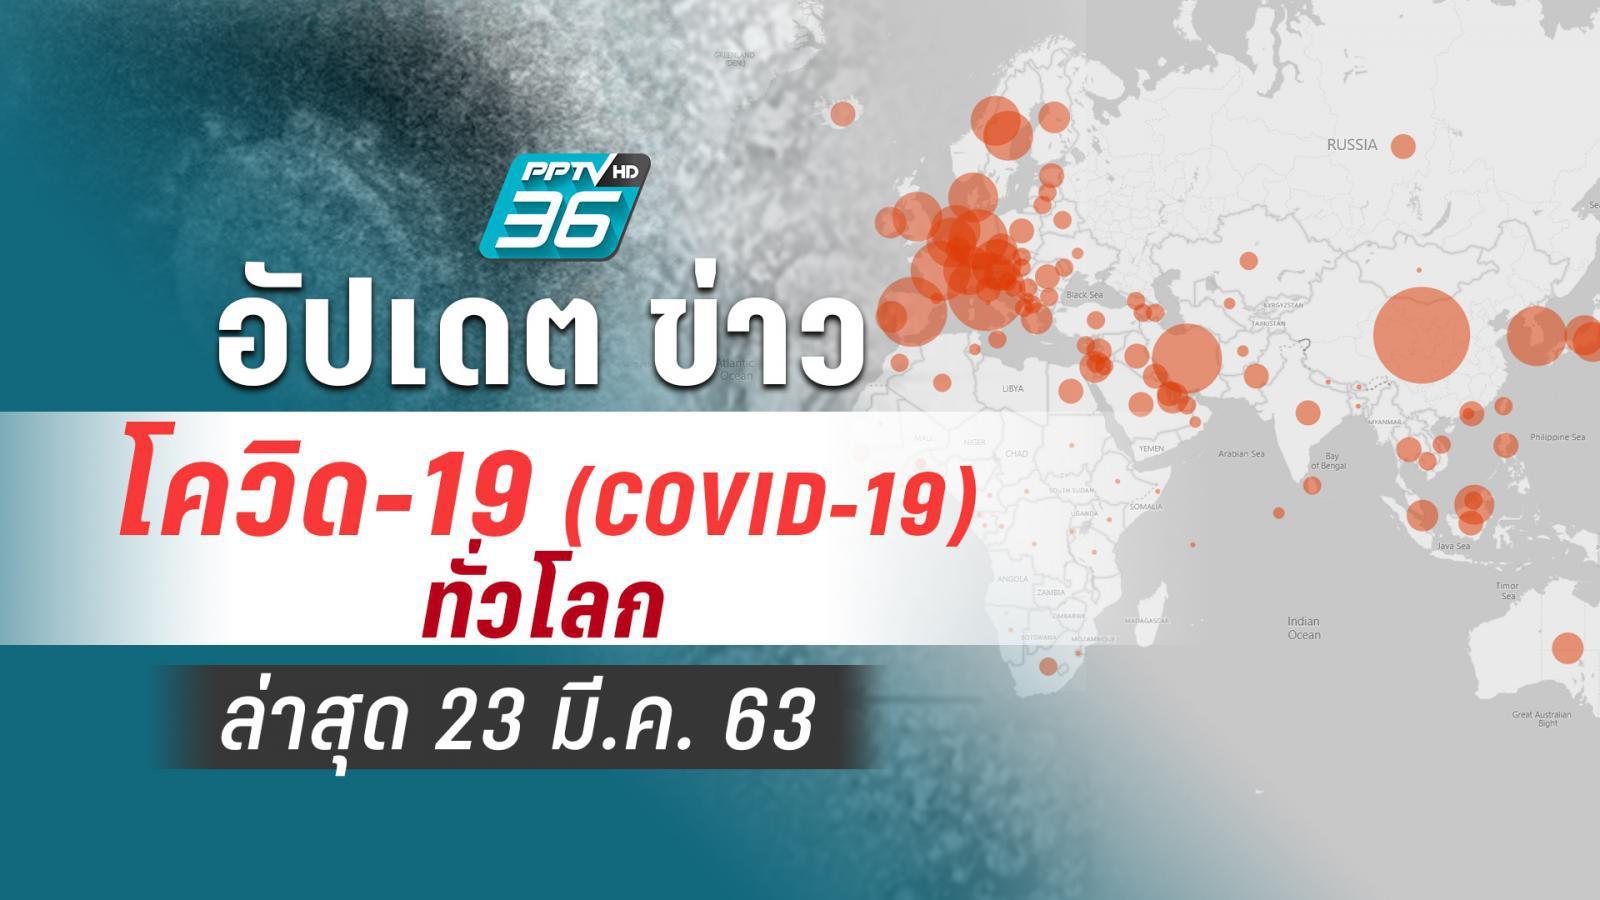 อัปเดตข่าว สถานการณ์ โควิด-19 ทั่วโลก ล่าสุด 23 มี.ค.63